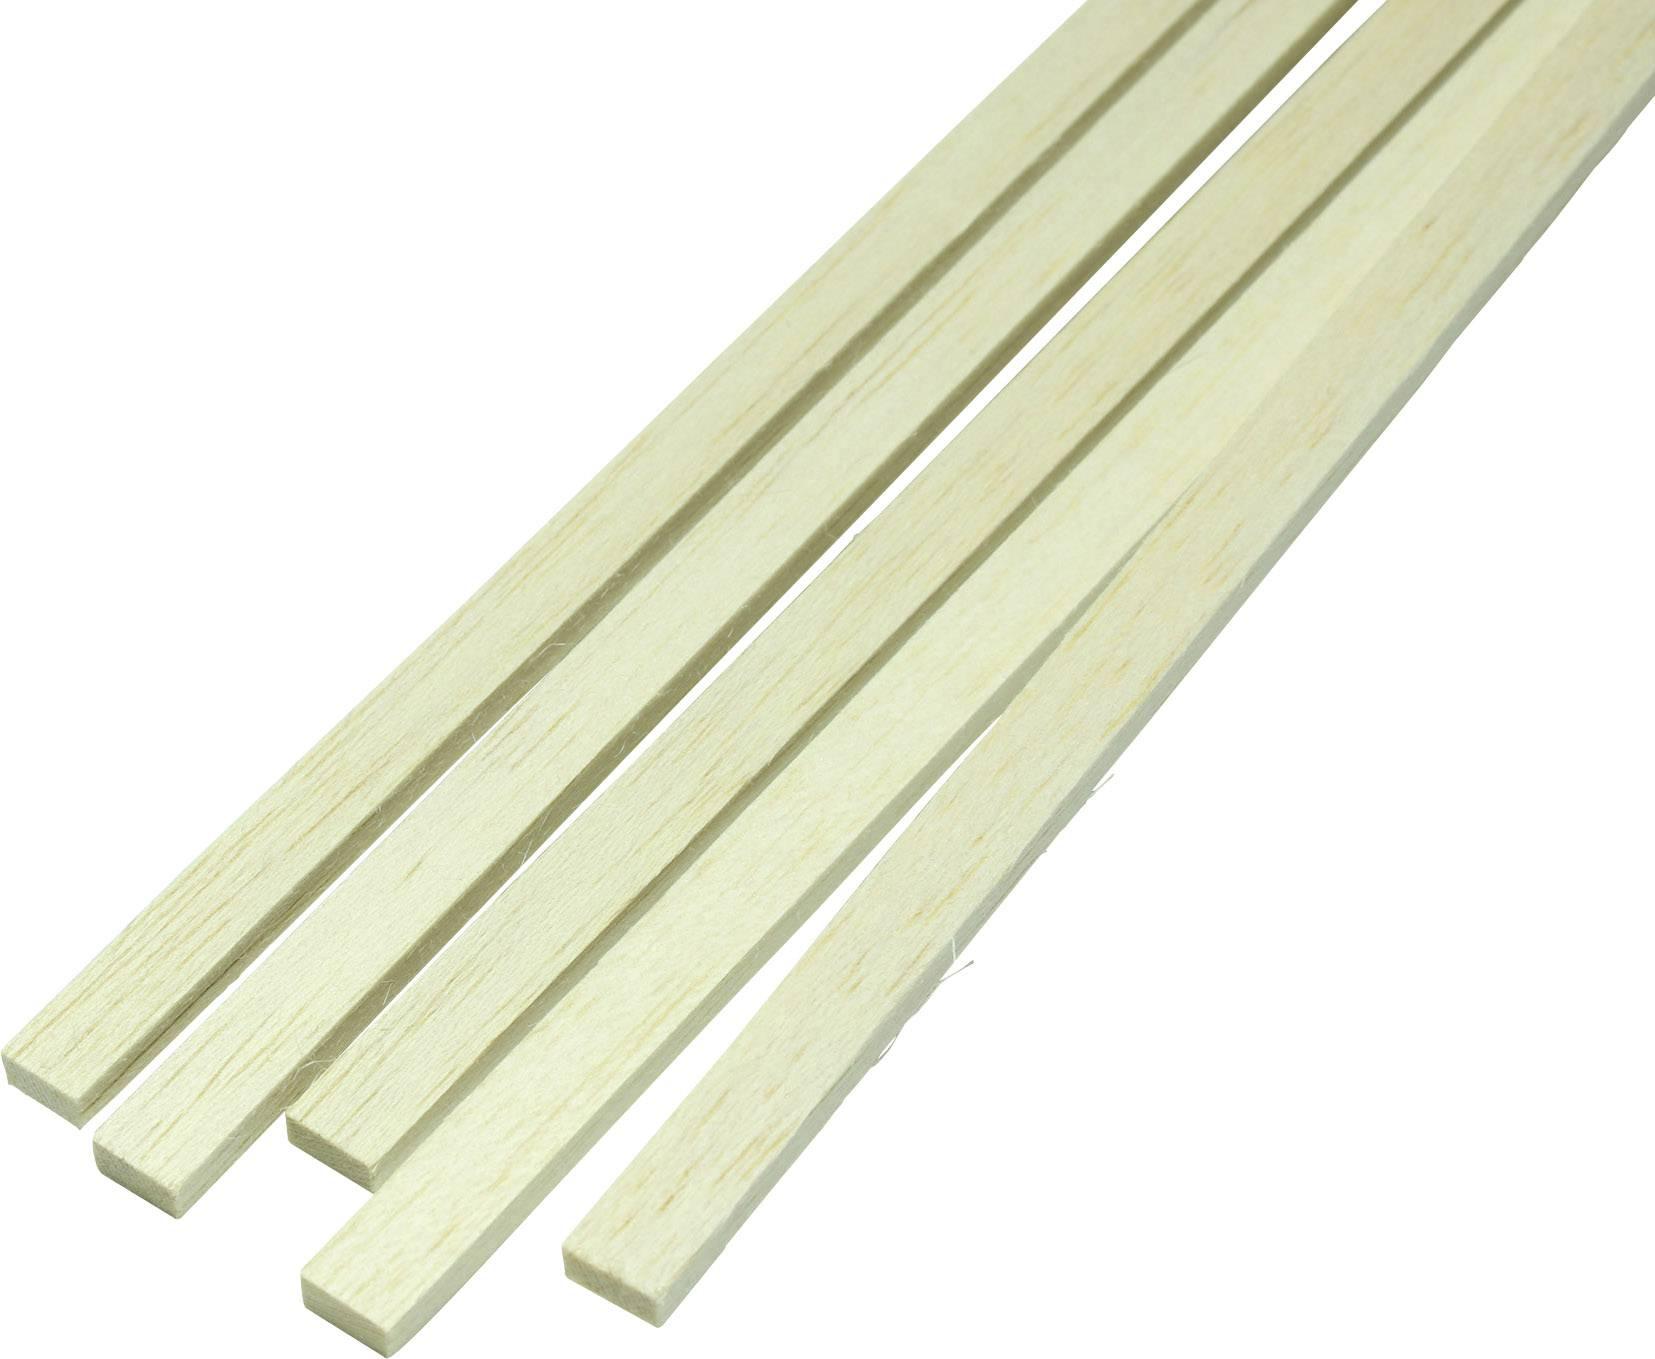 Kiefernleiste 2,0 x 5,0 mm Länge 100 cm